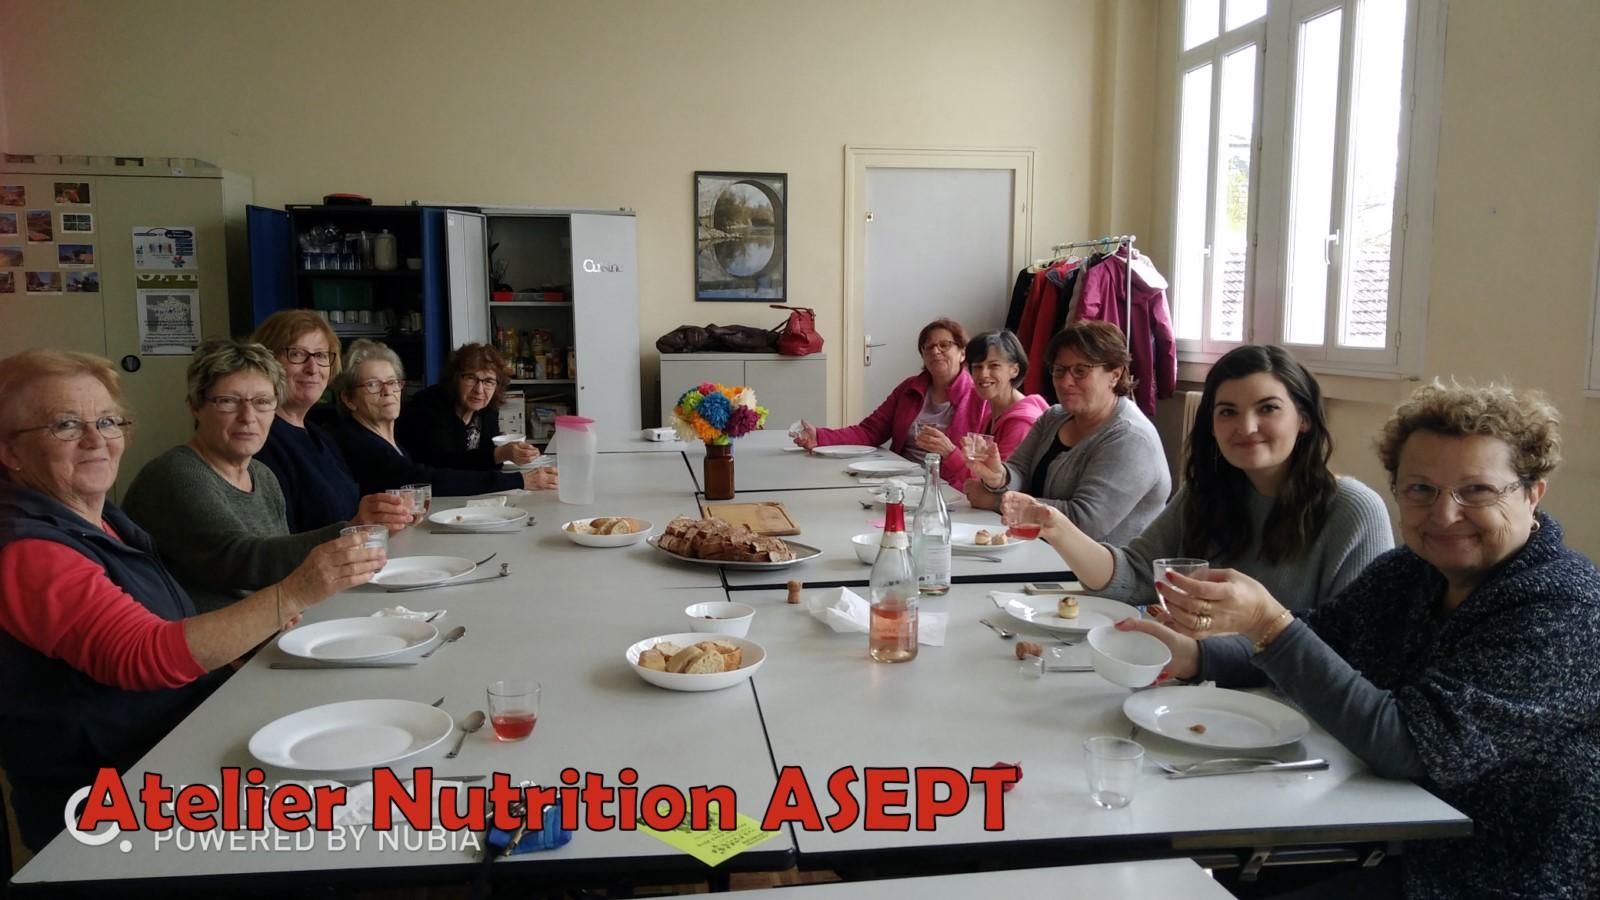 91Atelier-Nutrition-ASEPT